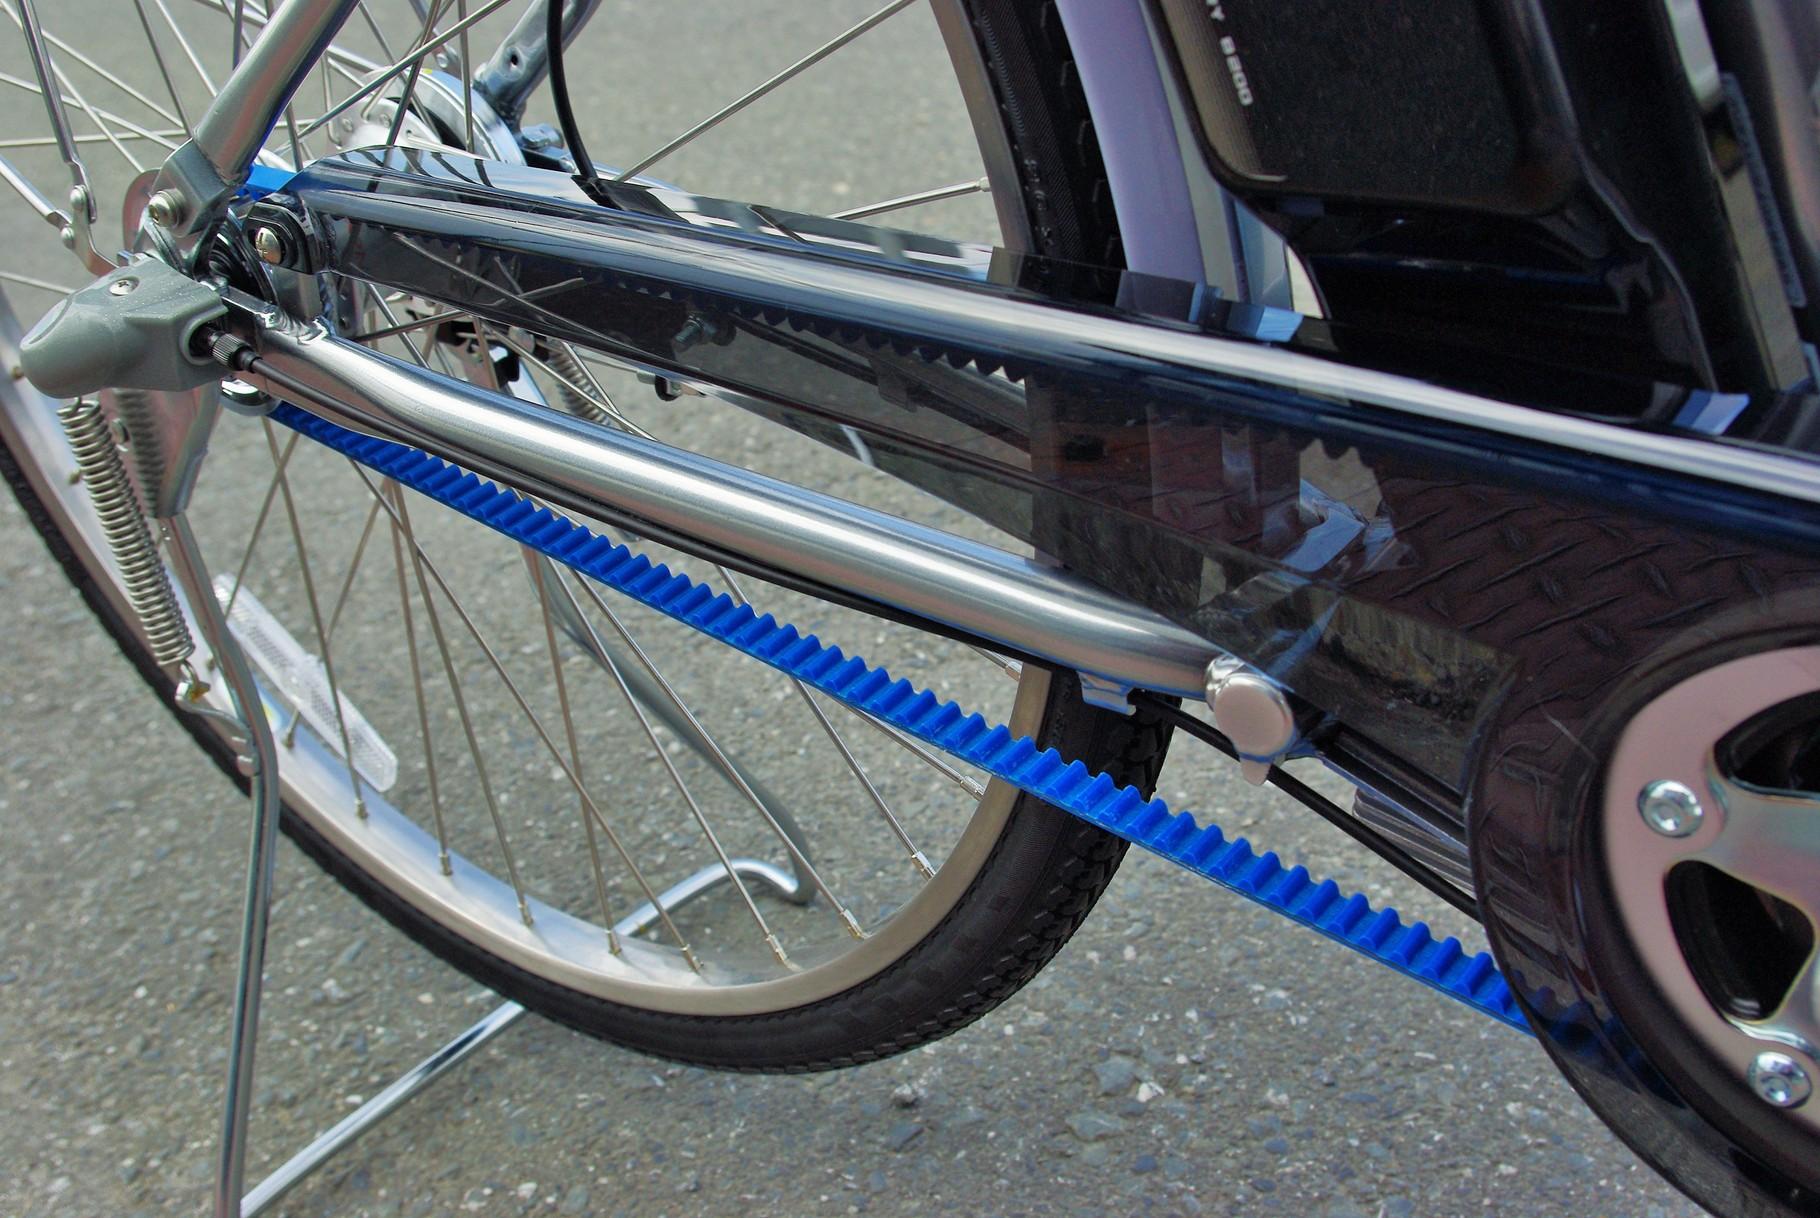 高剛性のベルトが後輪に力をダイレクトに伝える『カーボンソリッドドライブ』システム。